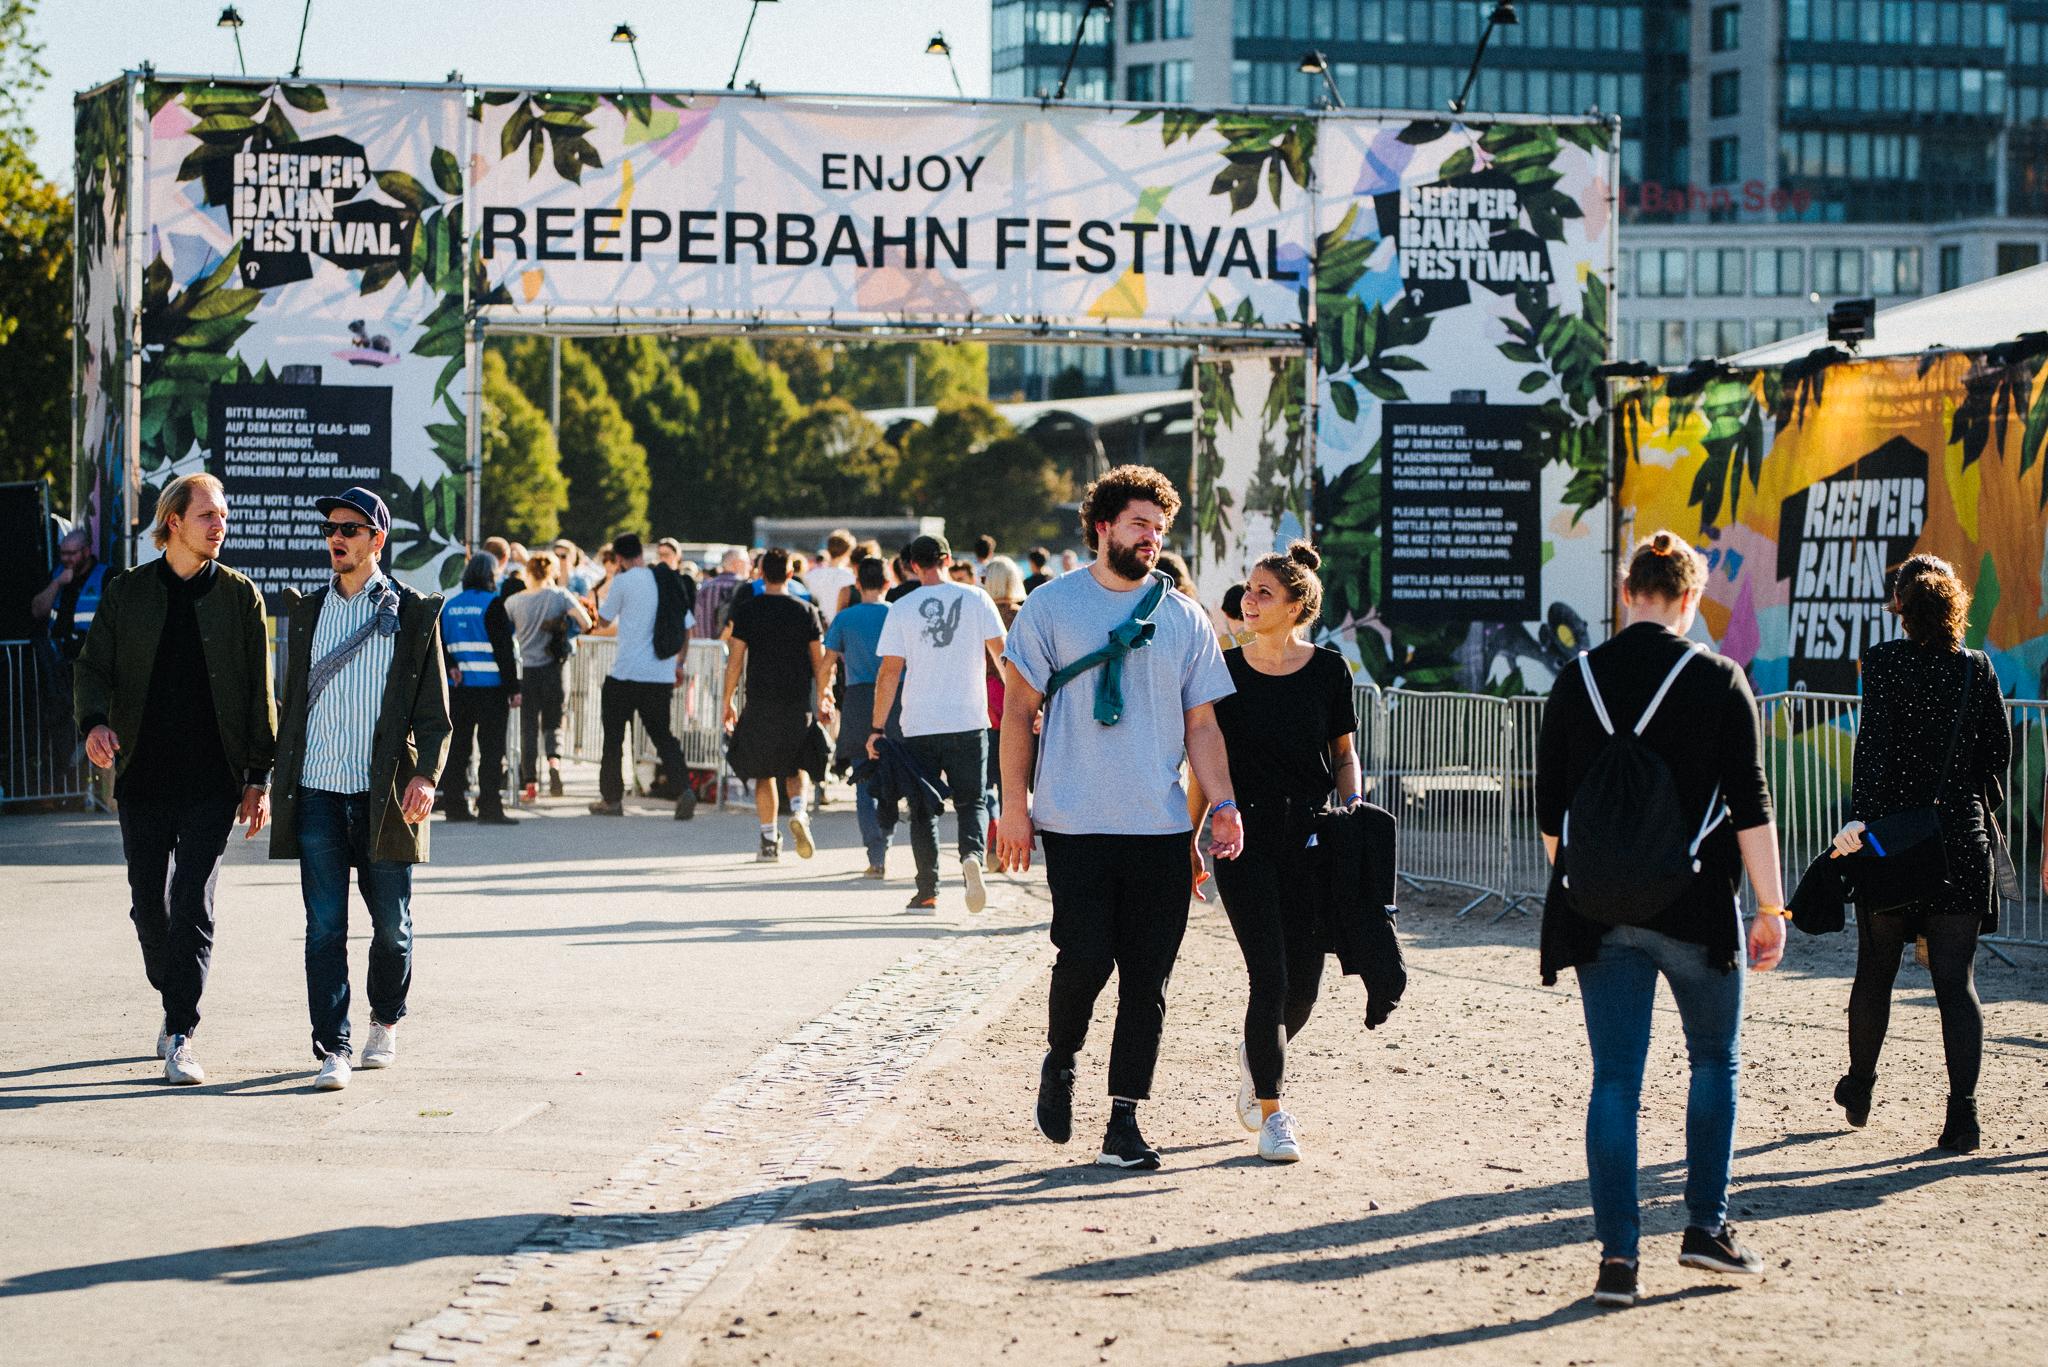 Reeperbahn Festival, Festival Village, atmosphere, St. Pauli